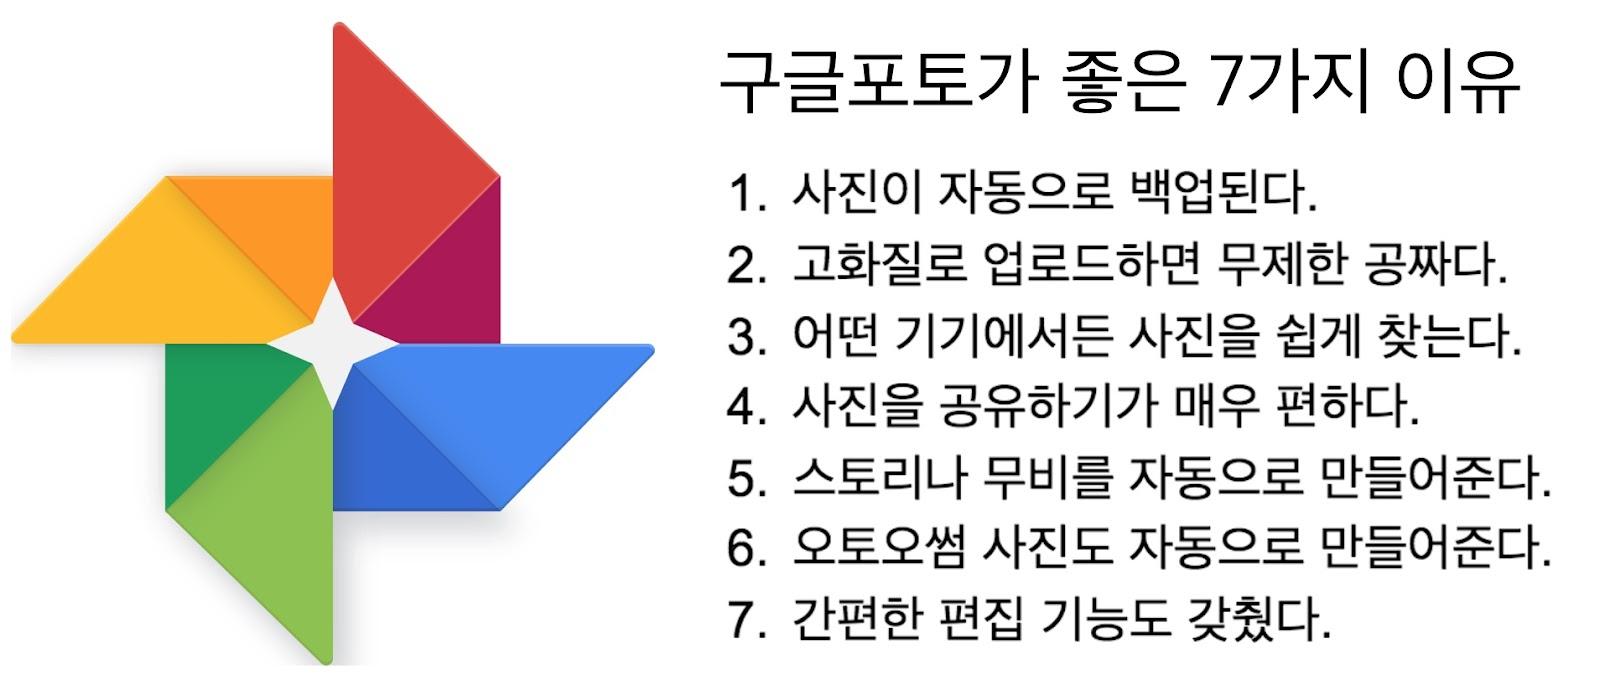 7가지.jpg